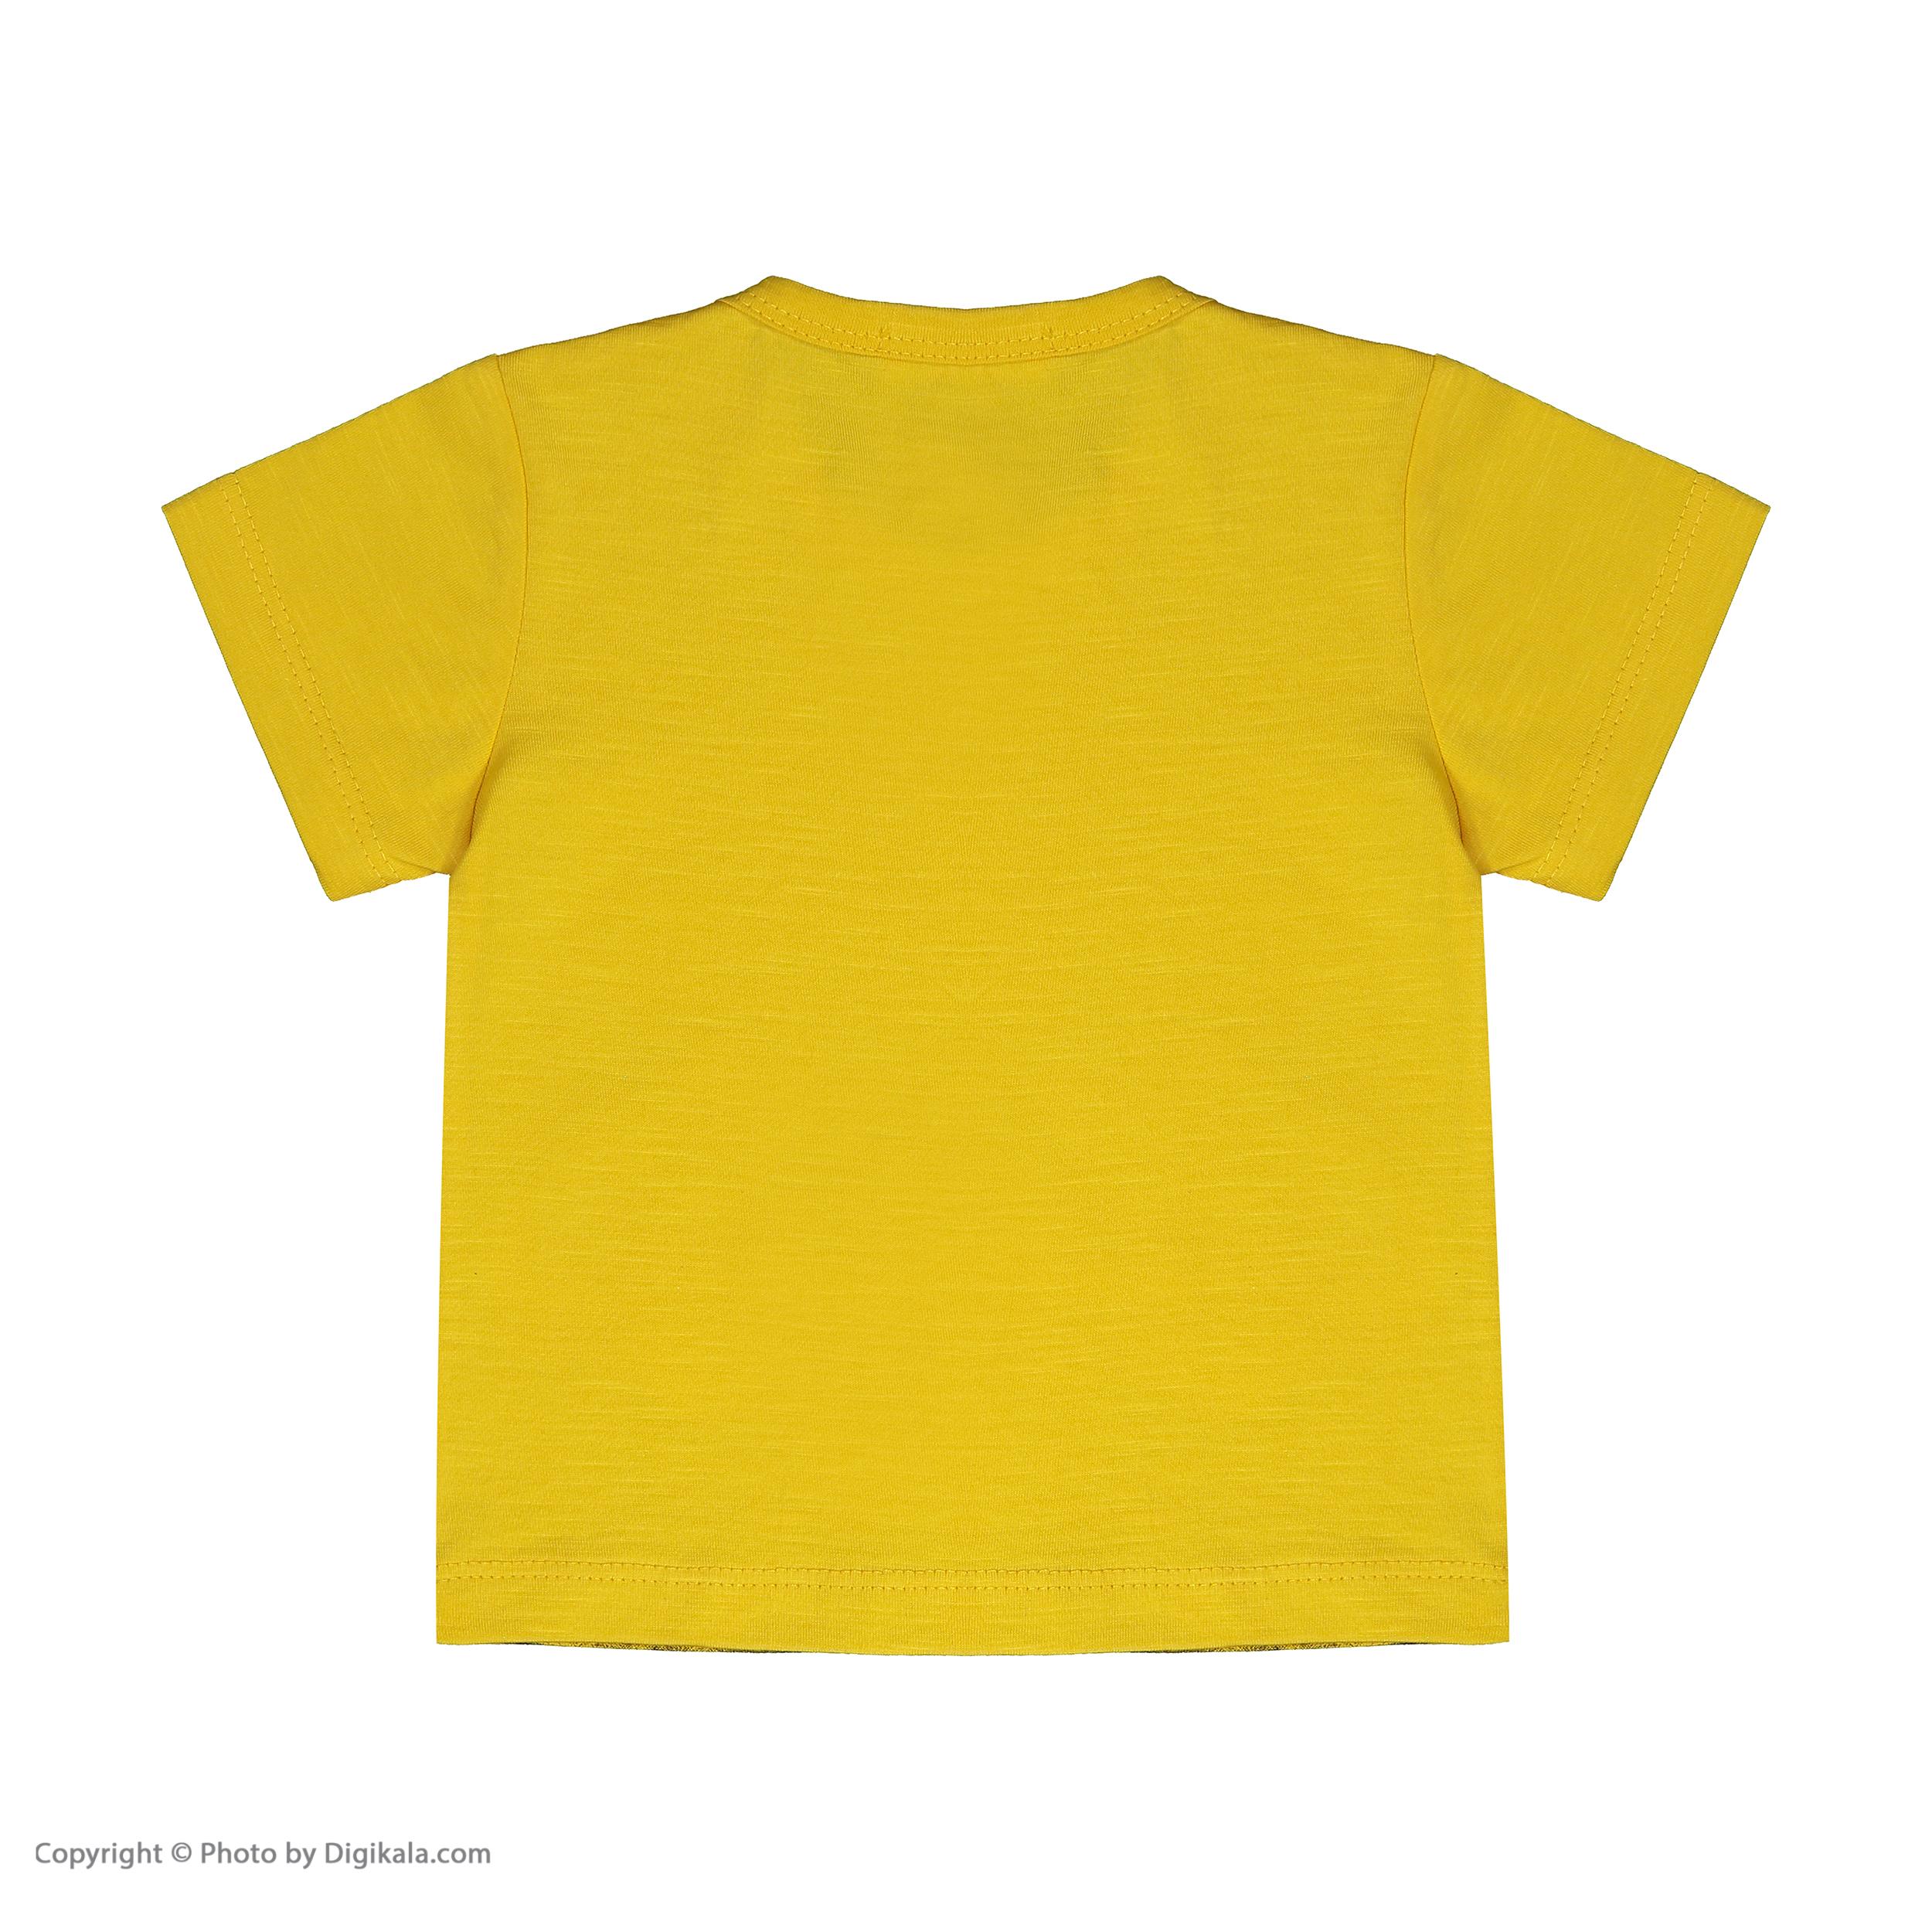 تی شرت نوزادی پسرانه بی کی مدل 2211118-16